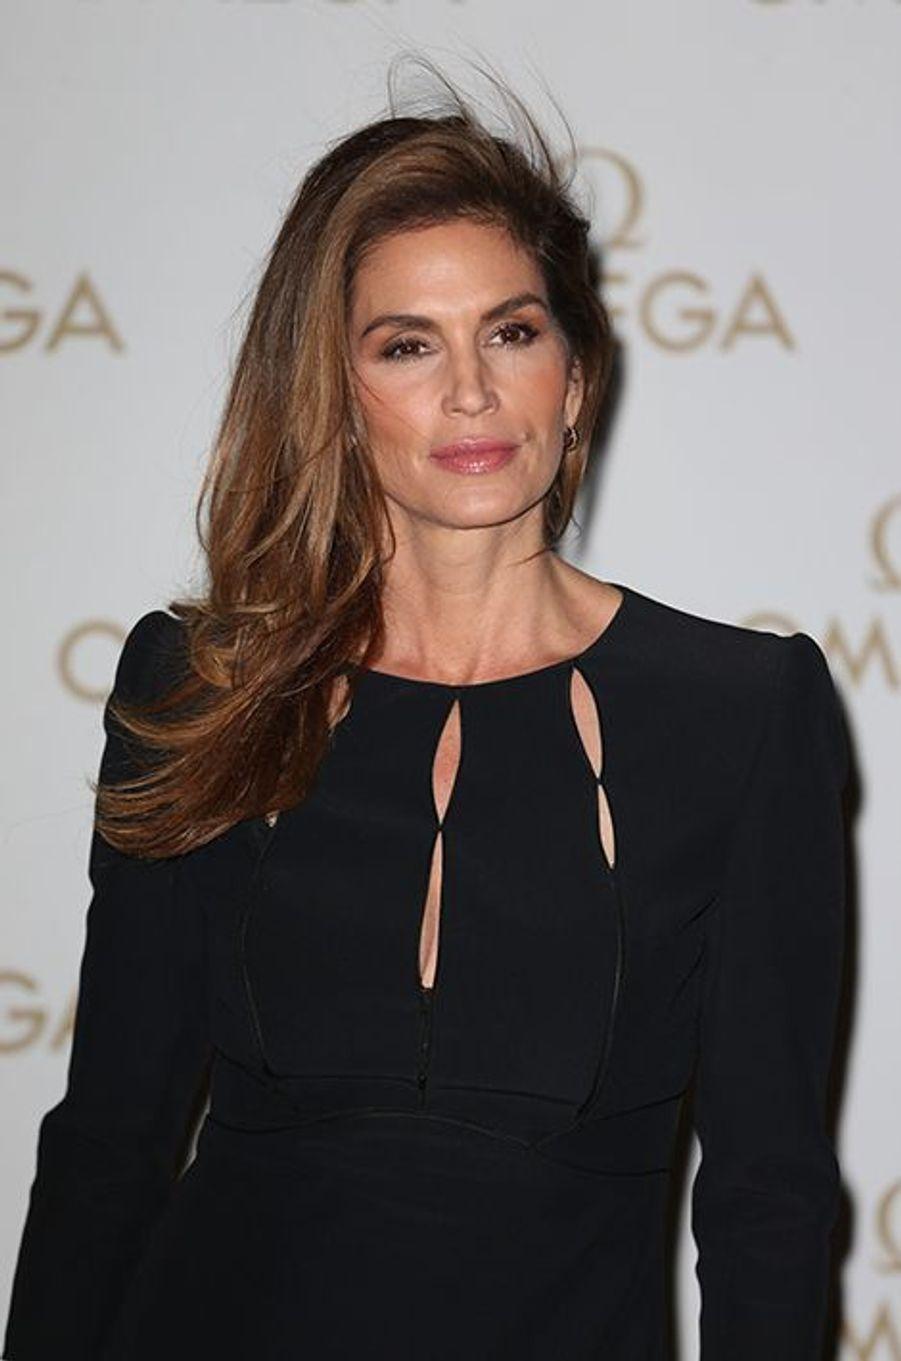 Dans un entretien accordé au magazine «S Moda» en juin 2012, le mannequin américain avait levé le tabou. «Oui, j'ai utilisé du Botox. Mais c'était il y a dix ans, et j'ai laissé tomber parce que je ne me reconnaissais plus.»